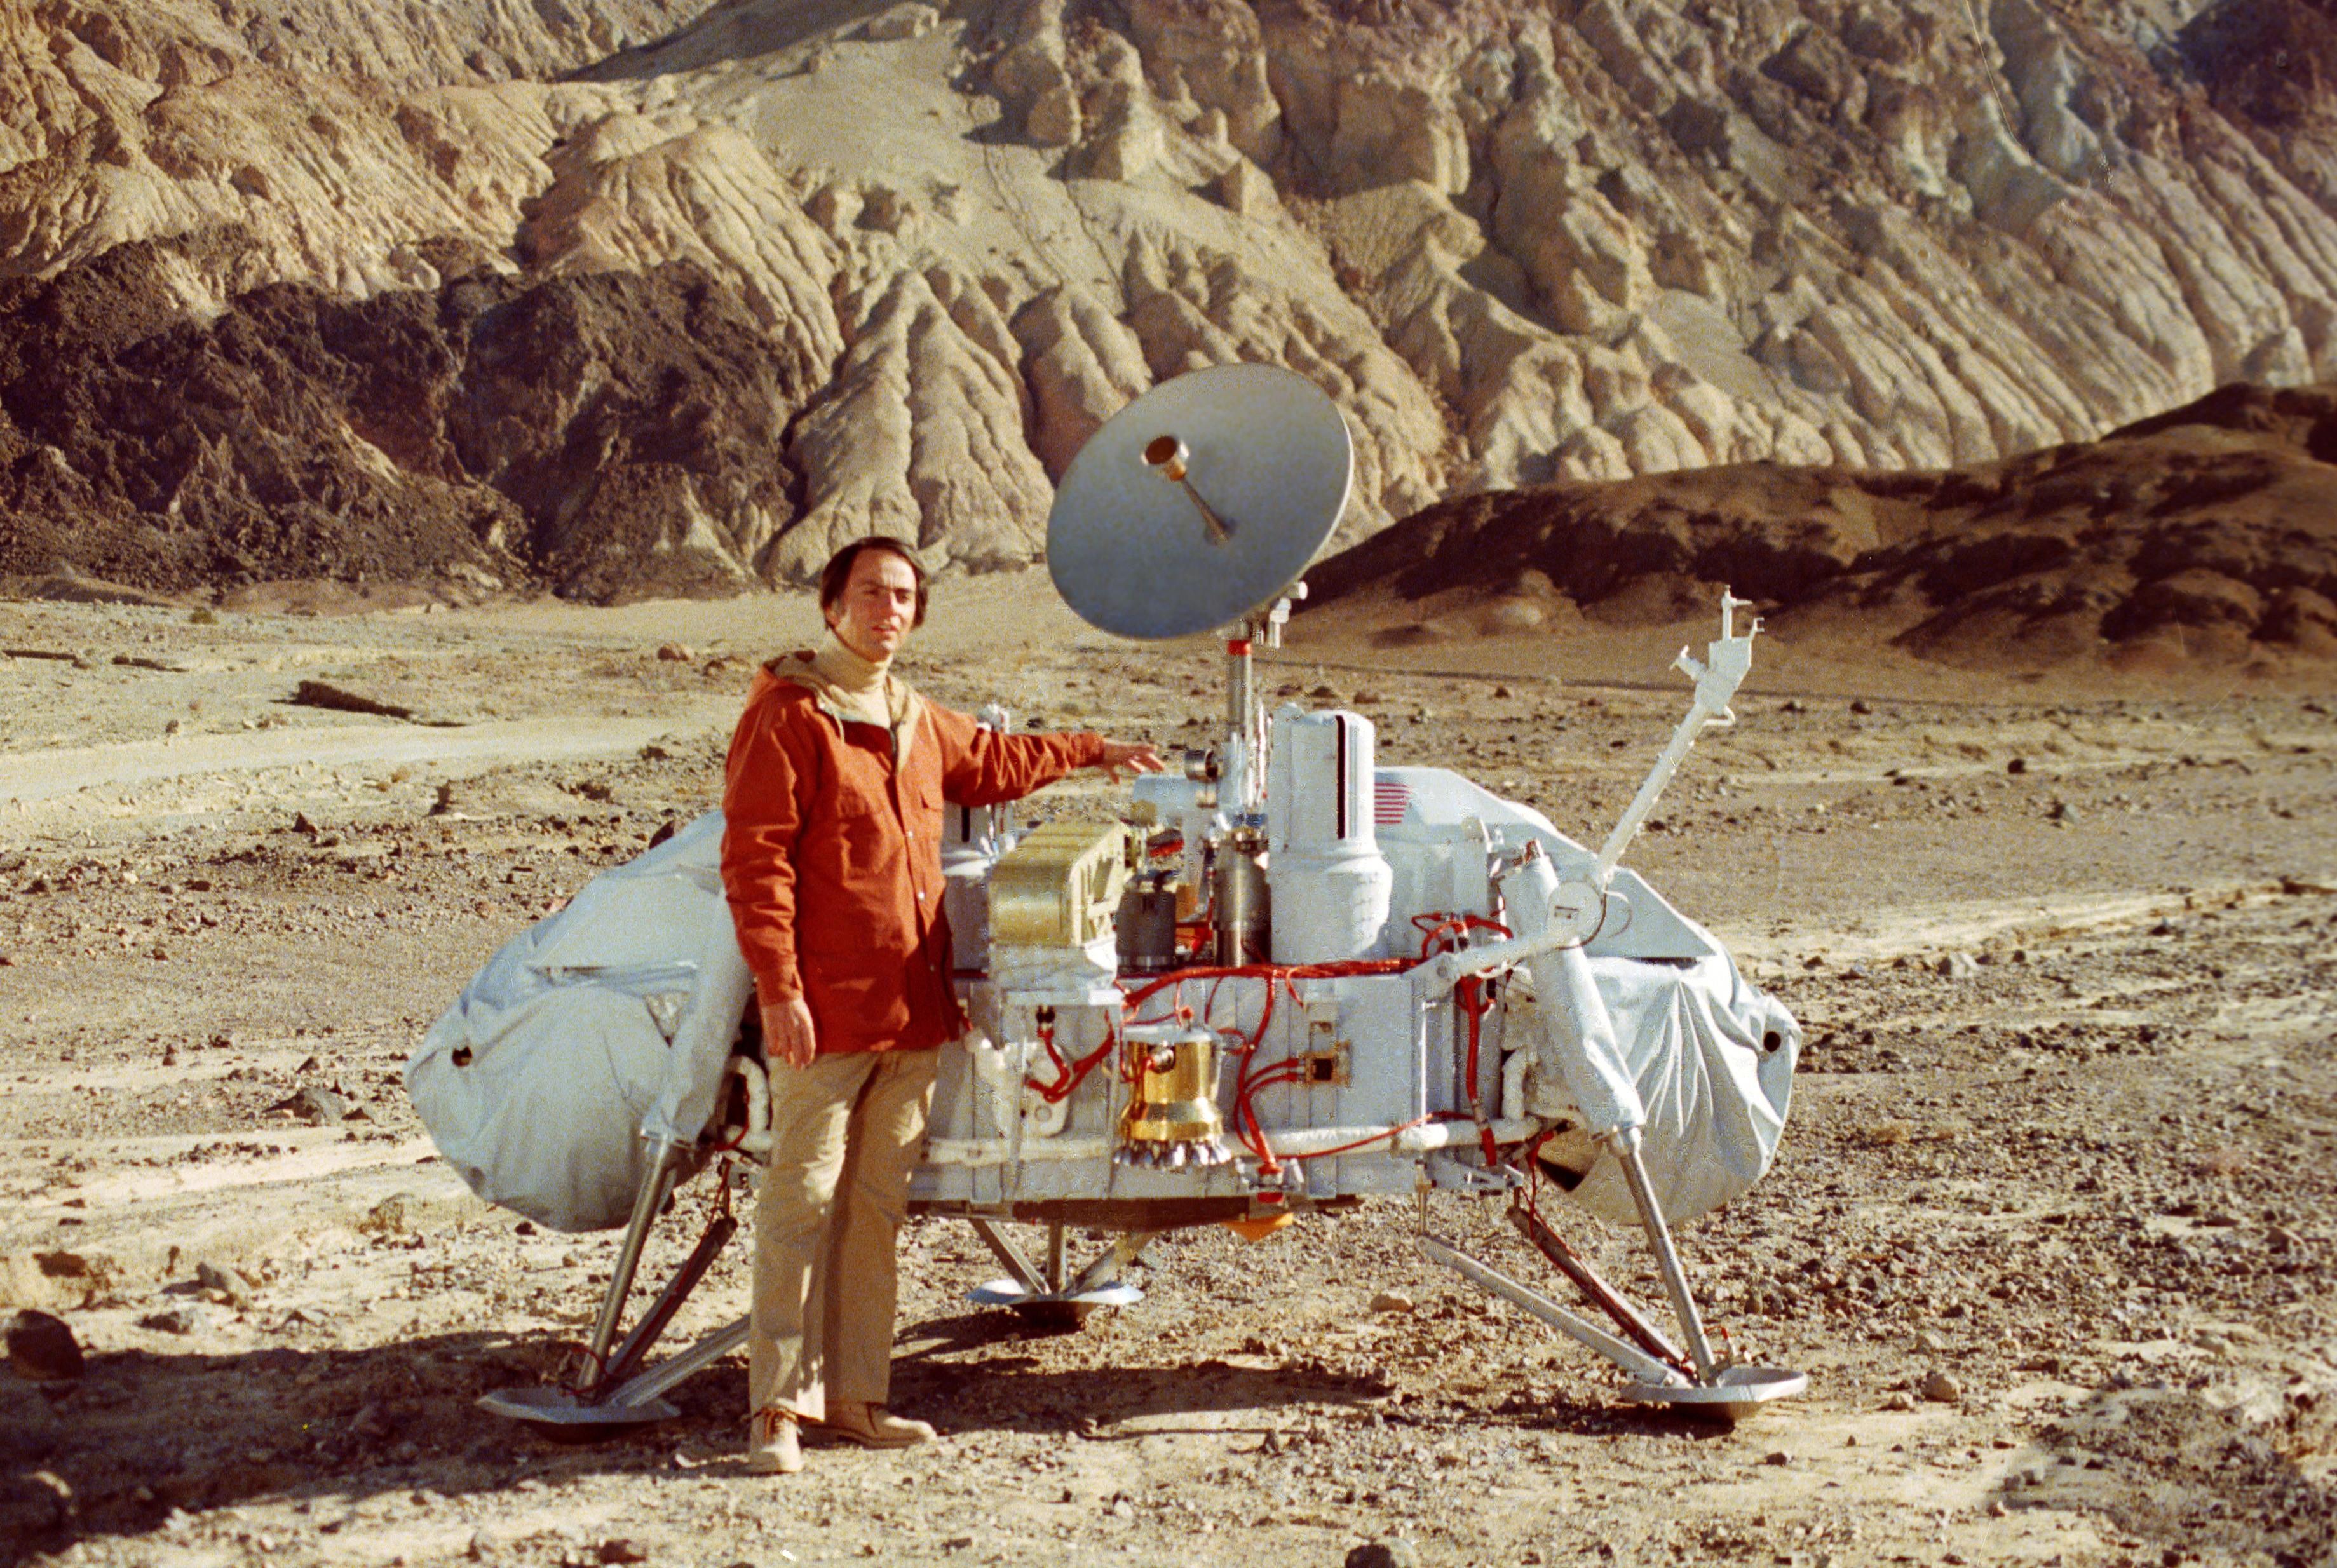 O astrônomo Carl Sagan, ao lado de uma réplica da sonda Viking, enviada a Marte nos anos 70 (Foto: Reprodução)